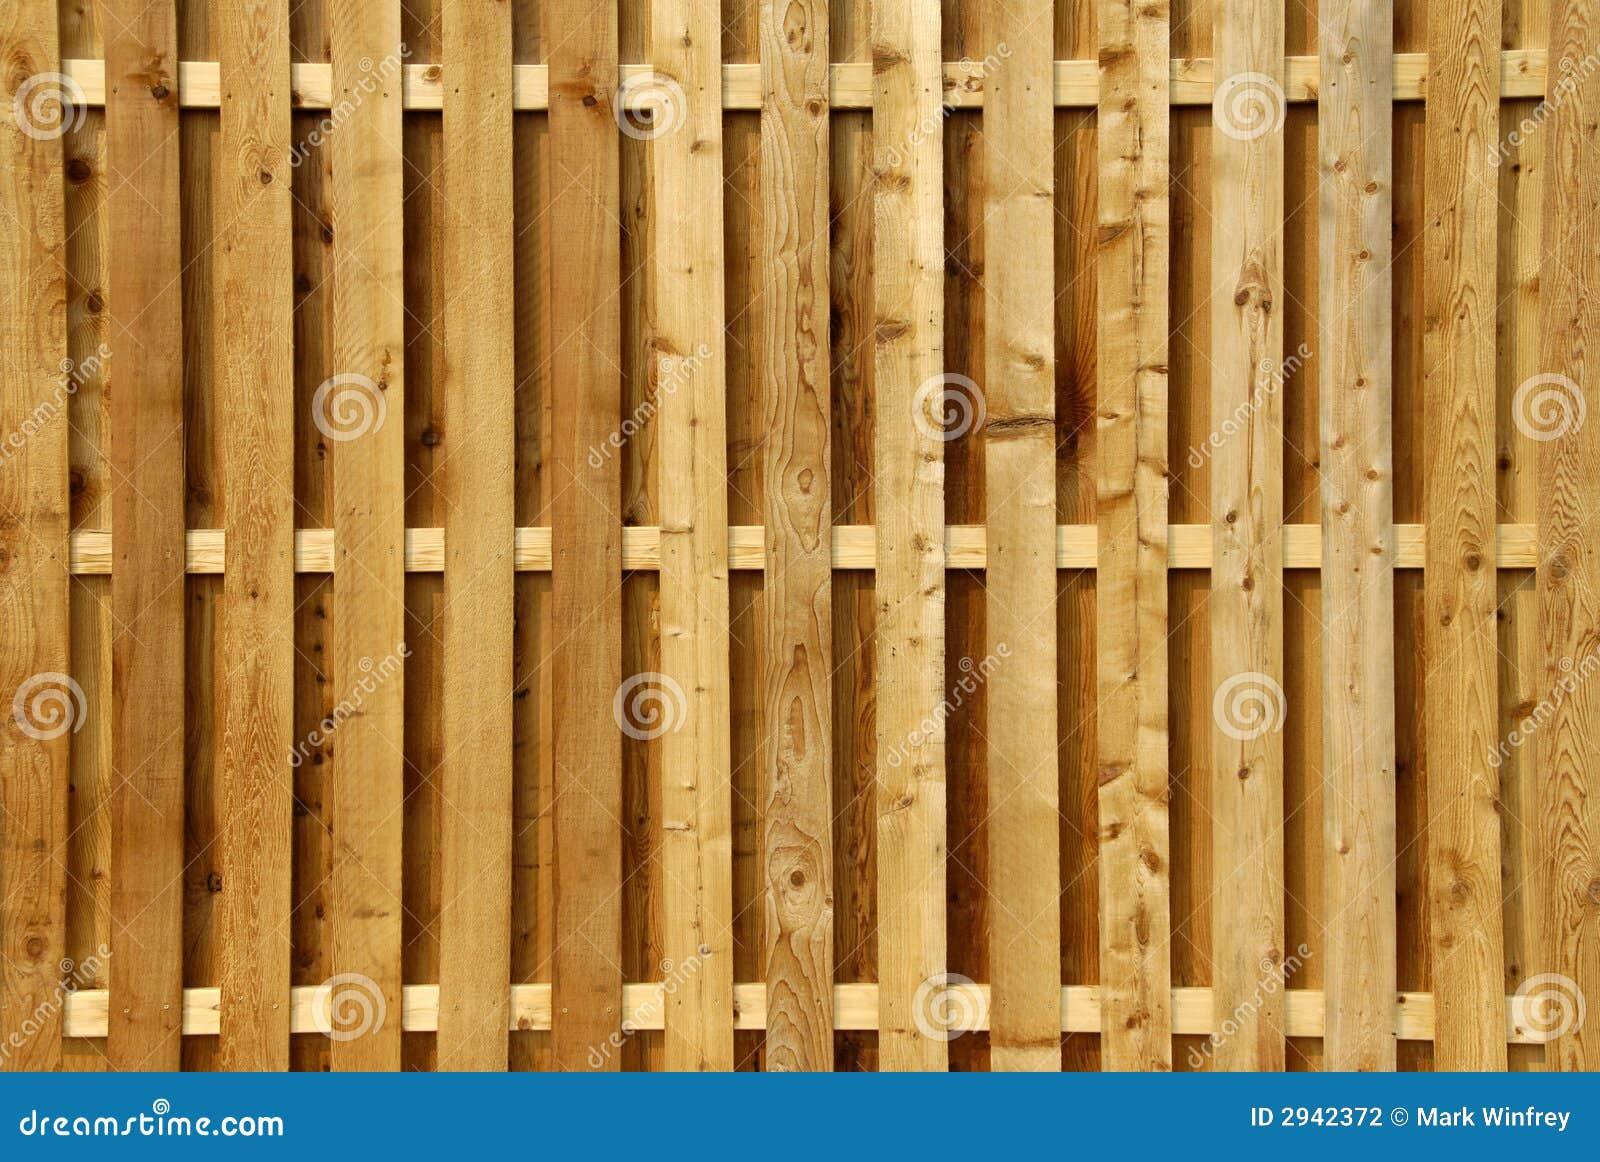 Cerca de madera de la aislamiento foto de archivo imagen - Cercas de madera ...